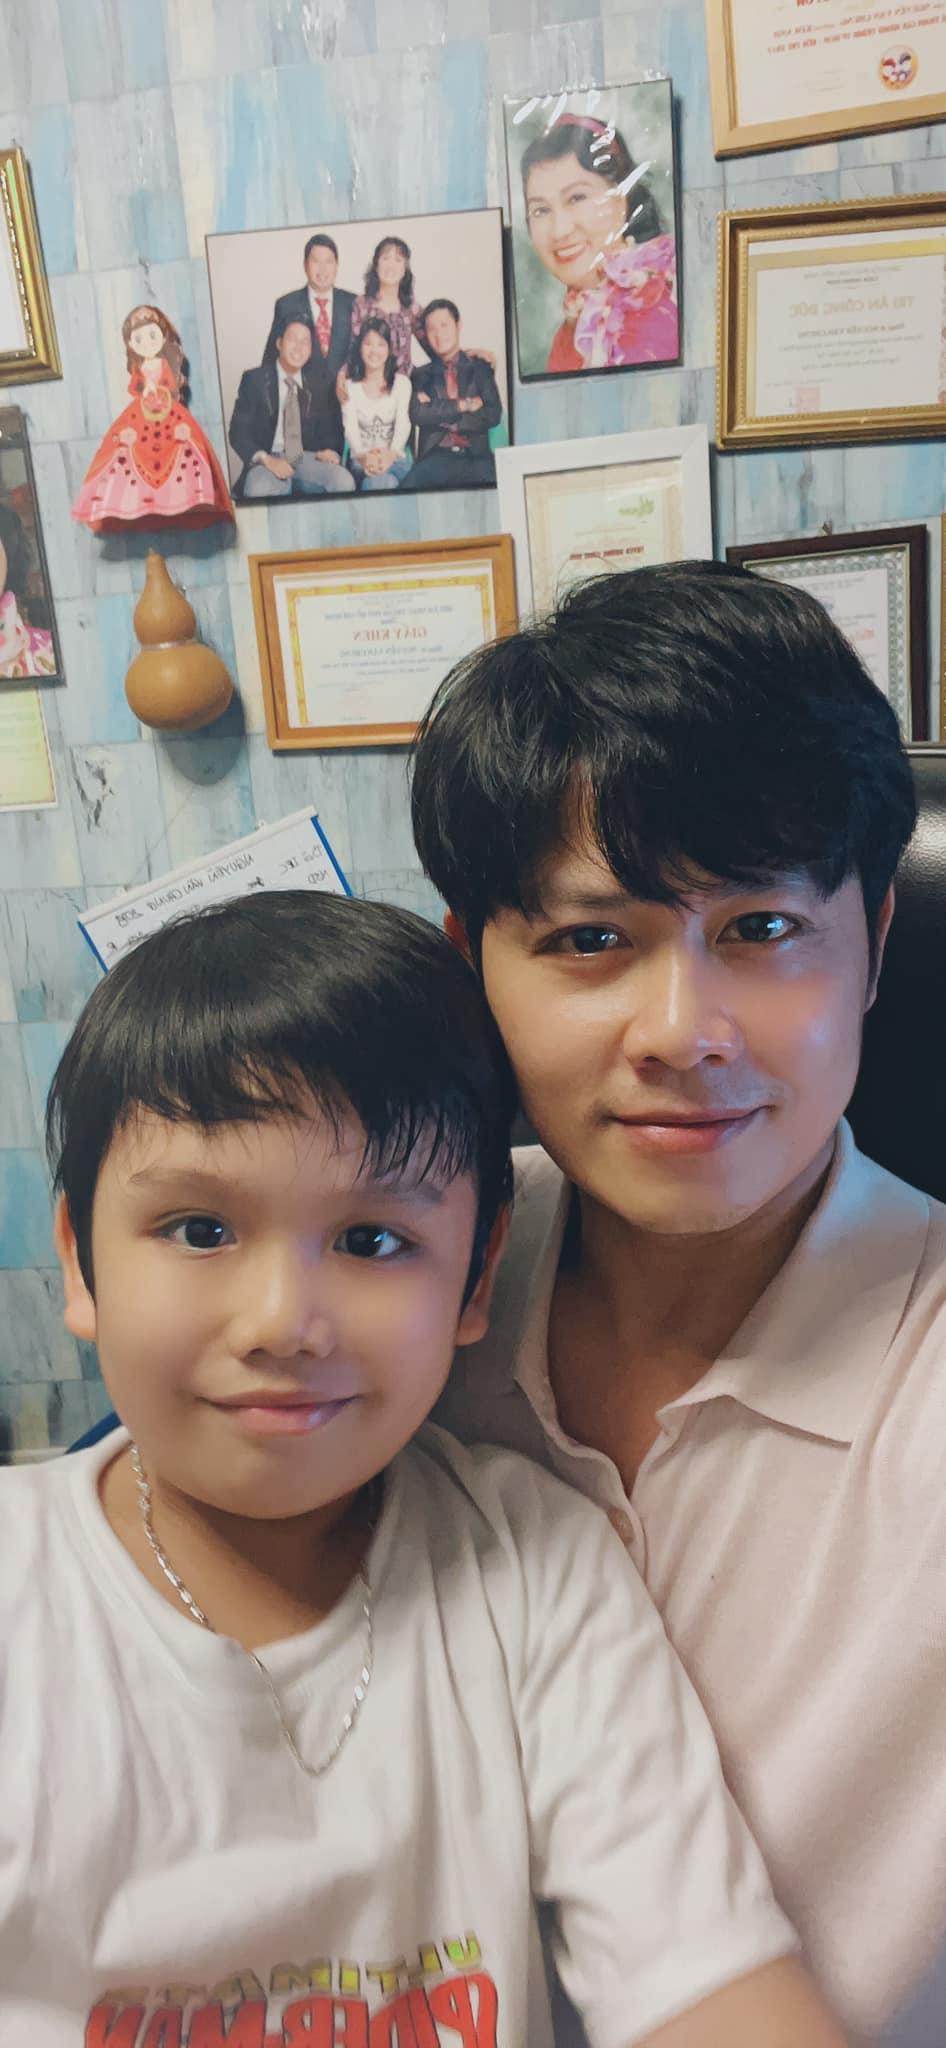 Nhạc sĩ Nguyễn Văn Chung: Con bảo tôi con mệt quá, chắc không sống nổi - Ảnh 3.